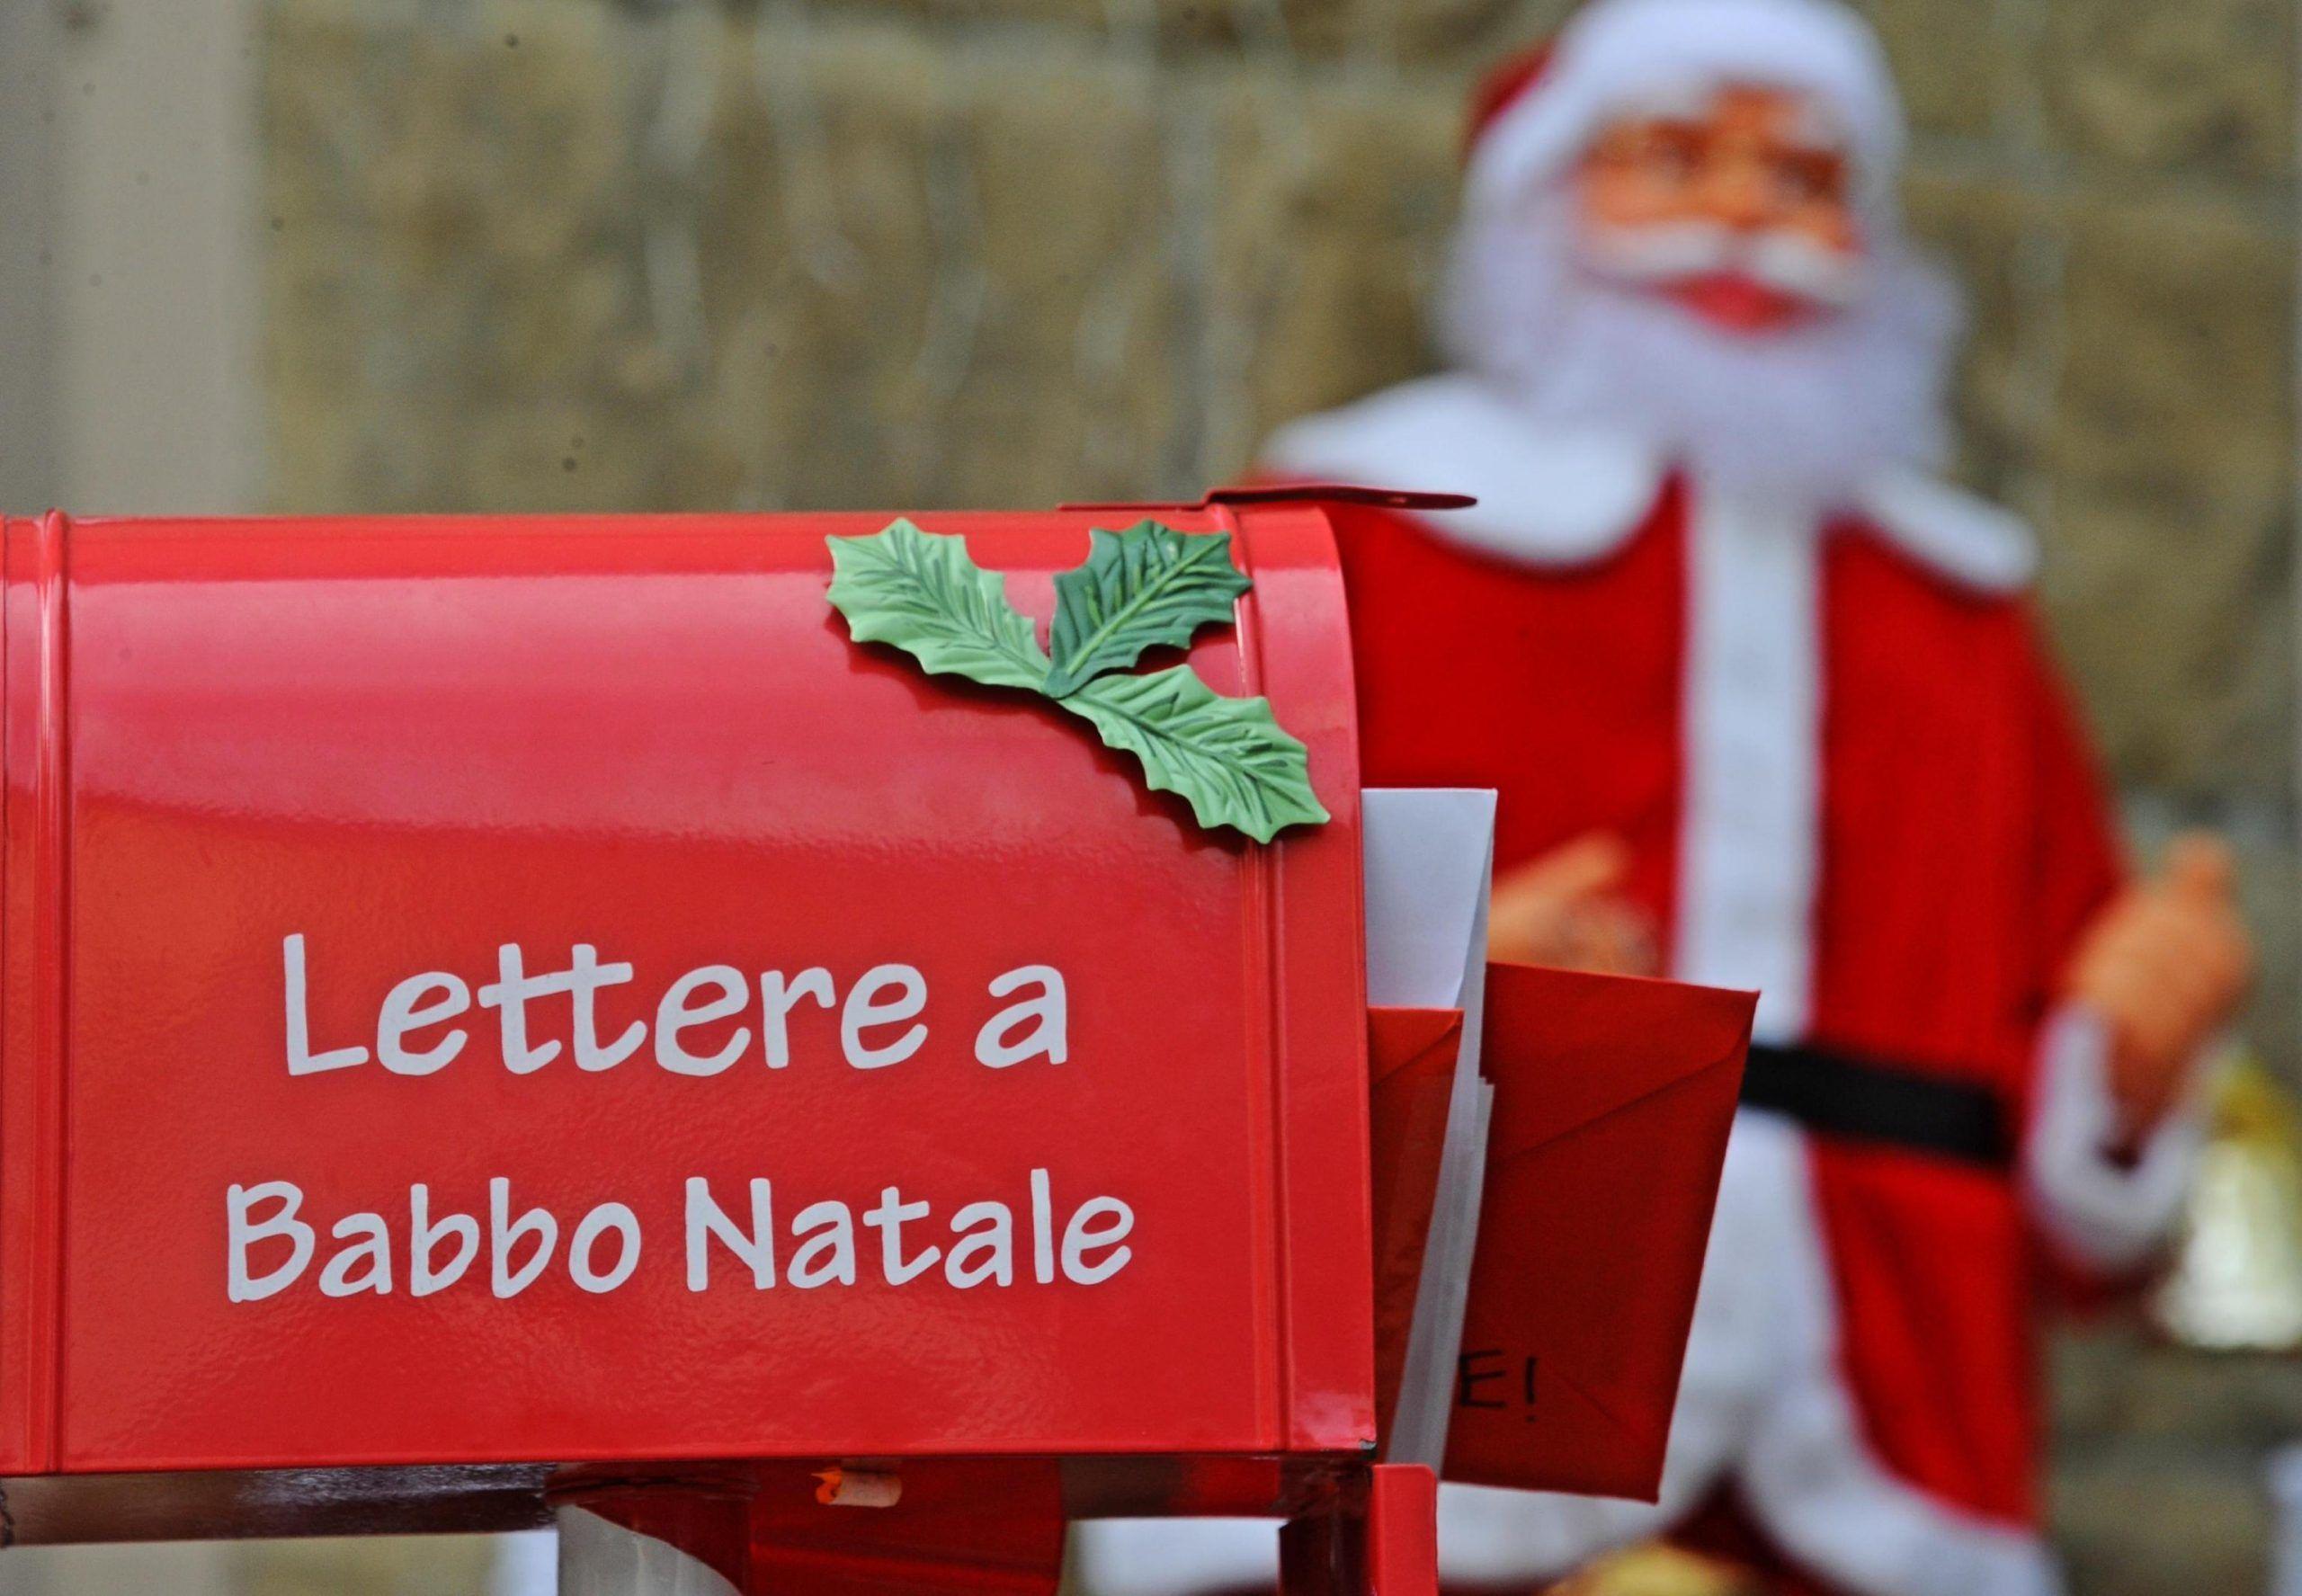 Babbo Natale esisteva davvero ma non viveva in Lapponia tra le renne